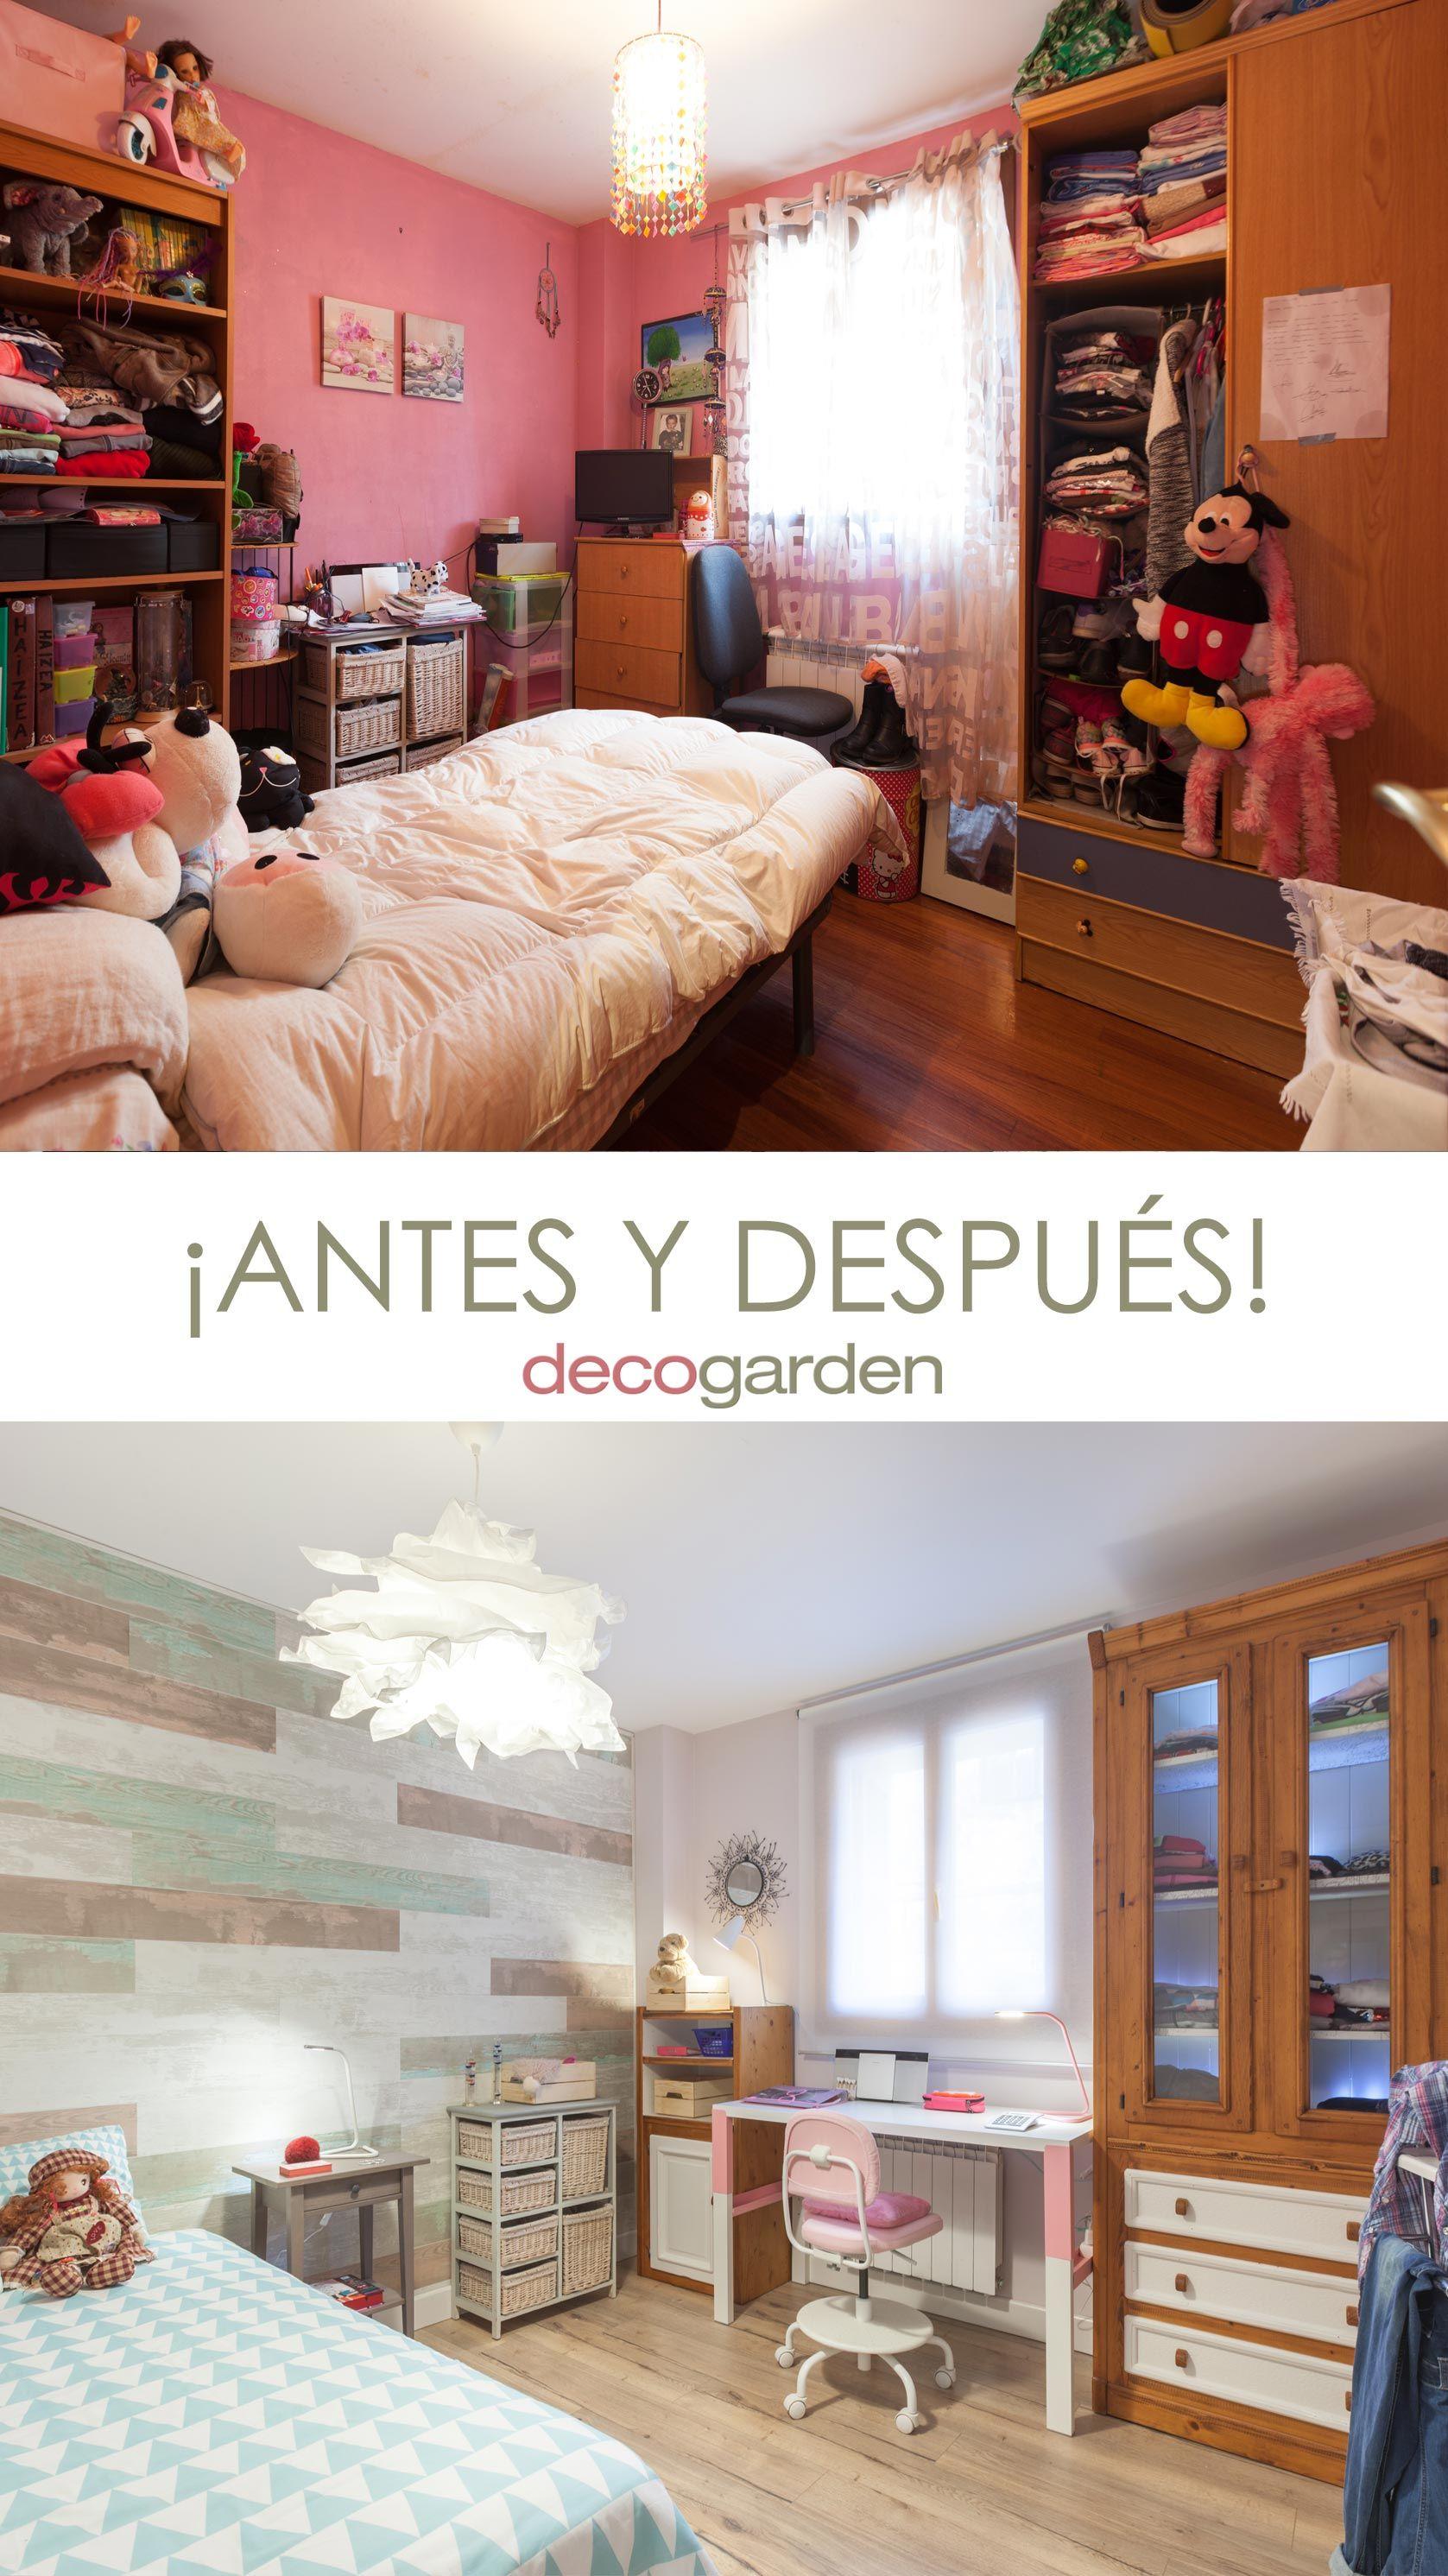 Decorar dormitorio juvenil con estudio rosa - antes y después